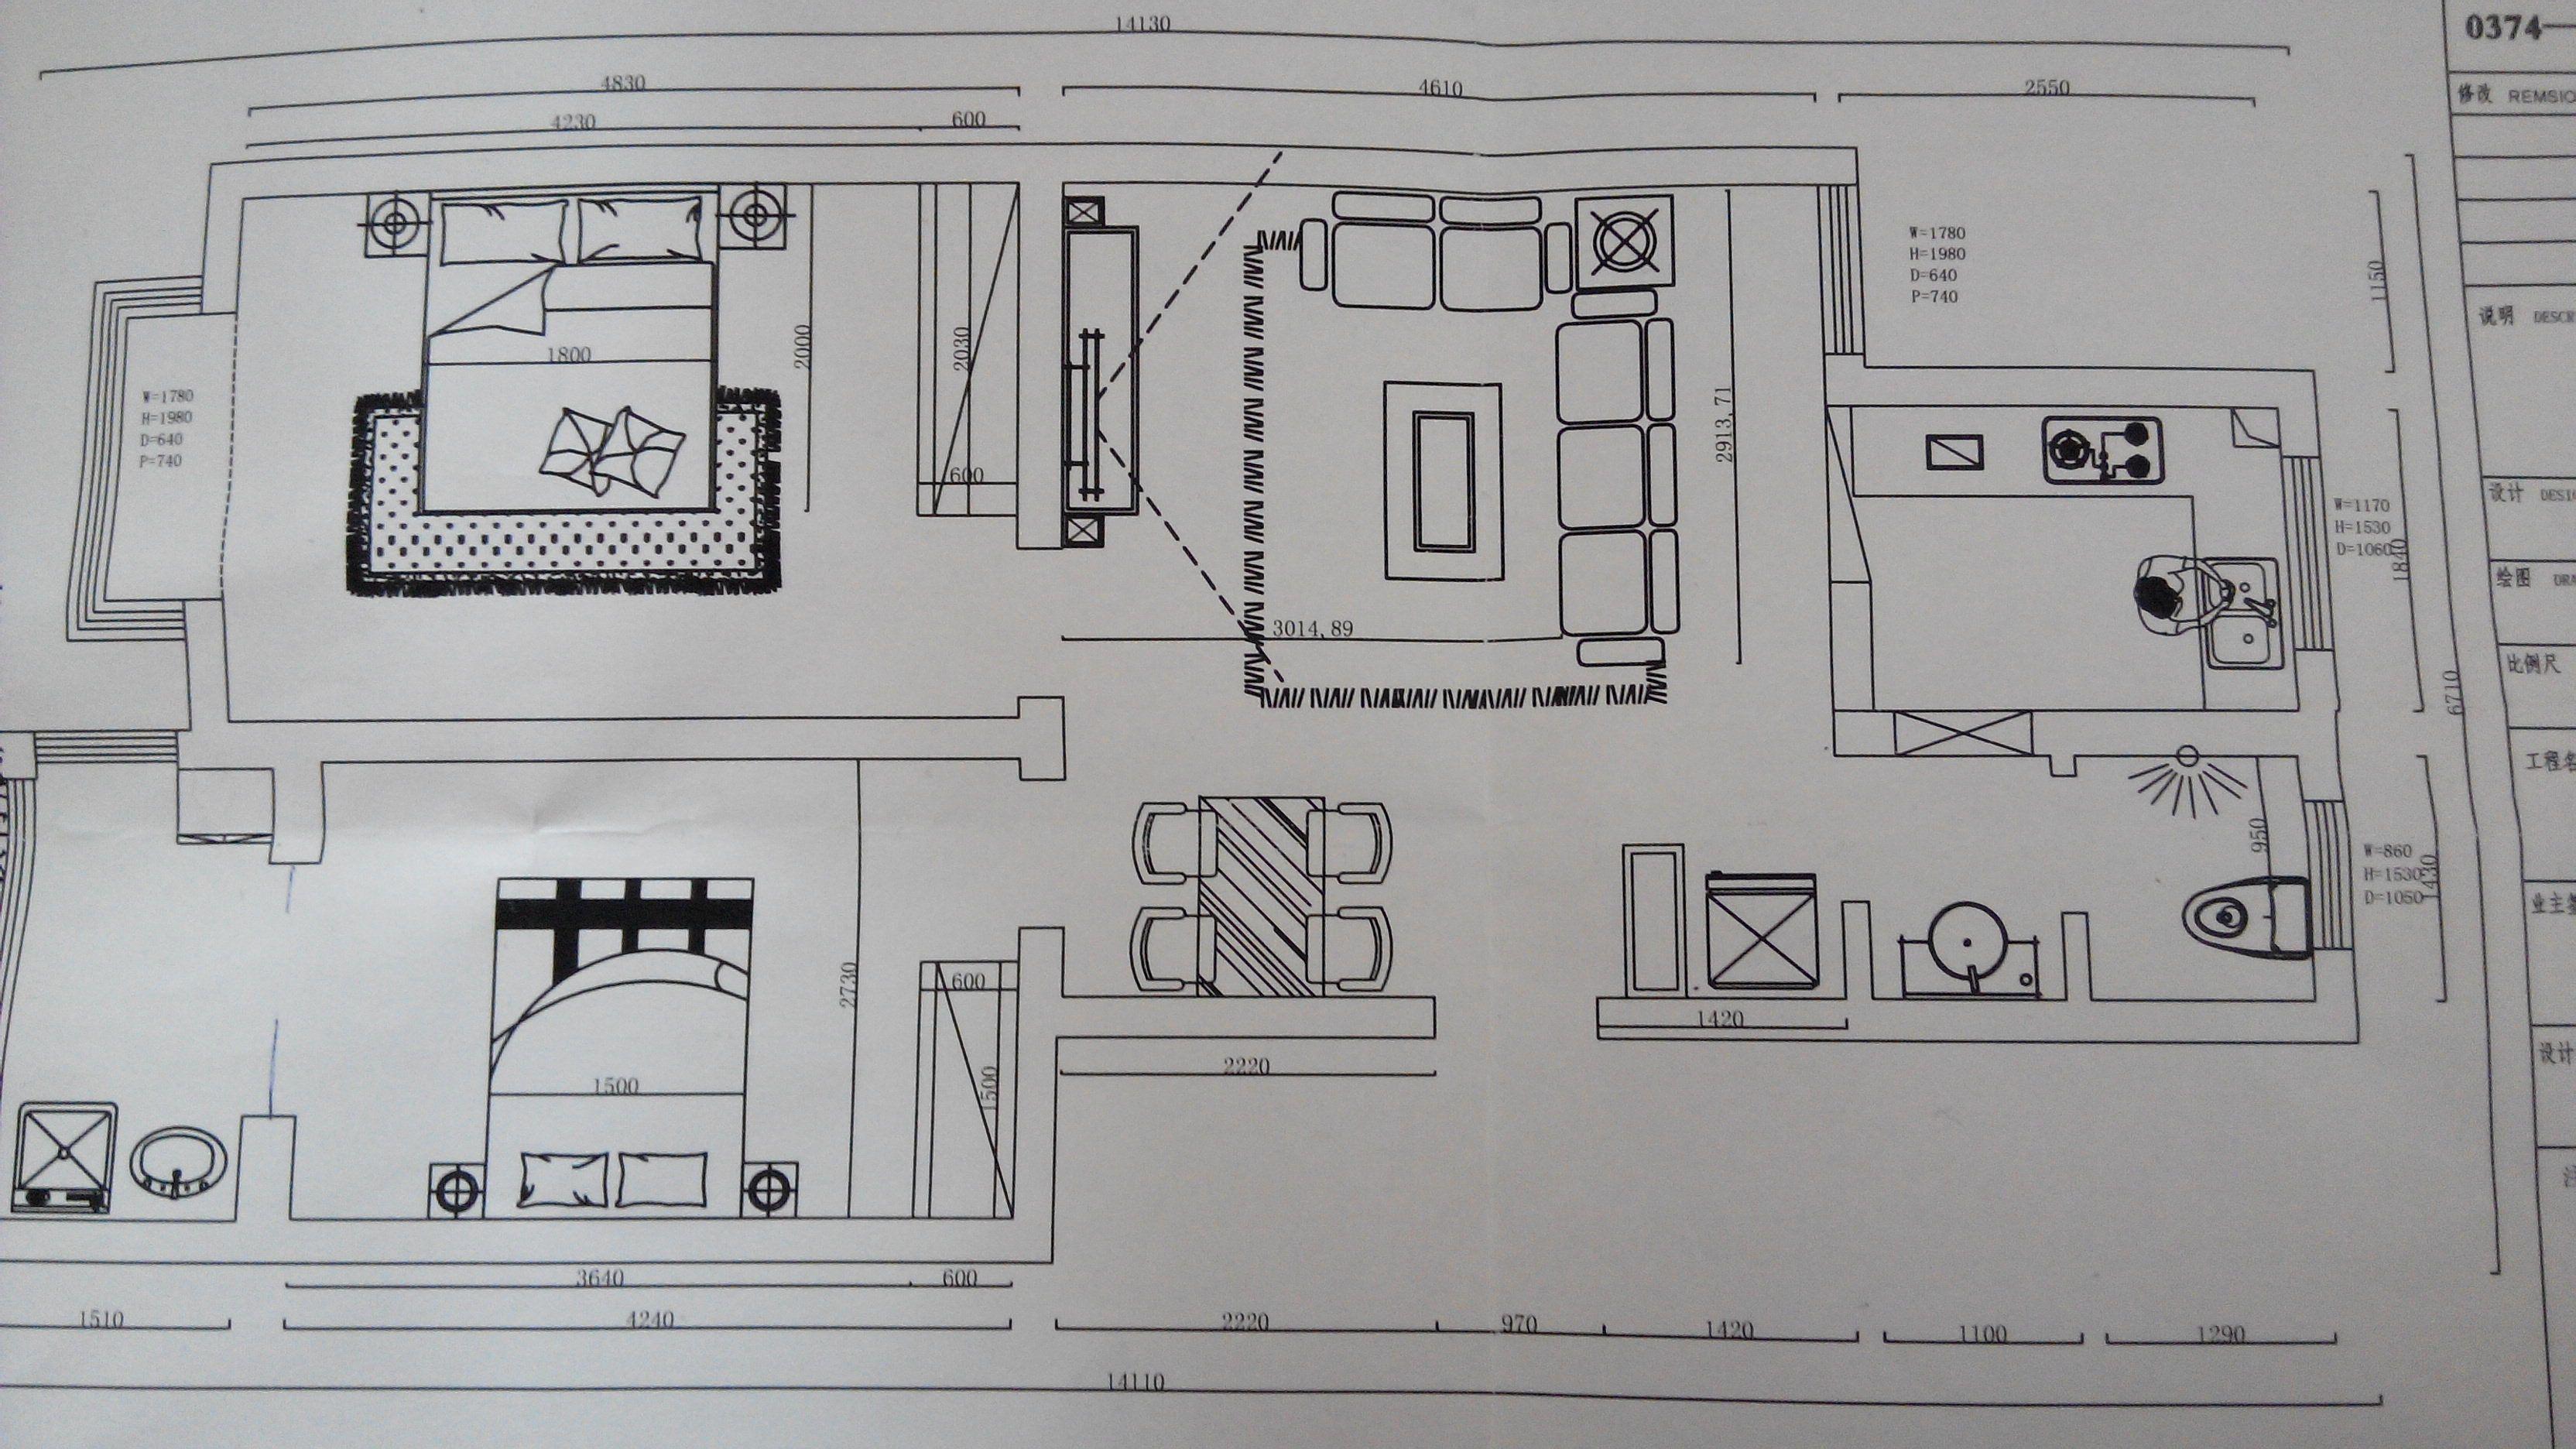 这是装修公司出的设计图和房子的平面图,感觉不太尽人意,放.图片